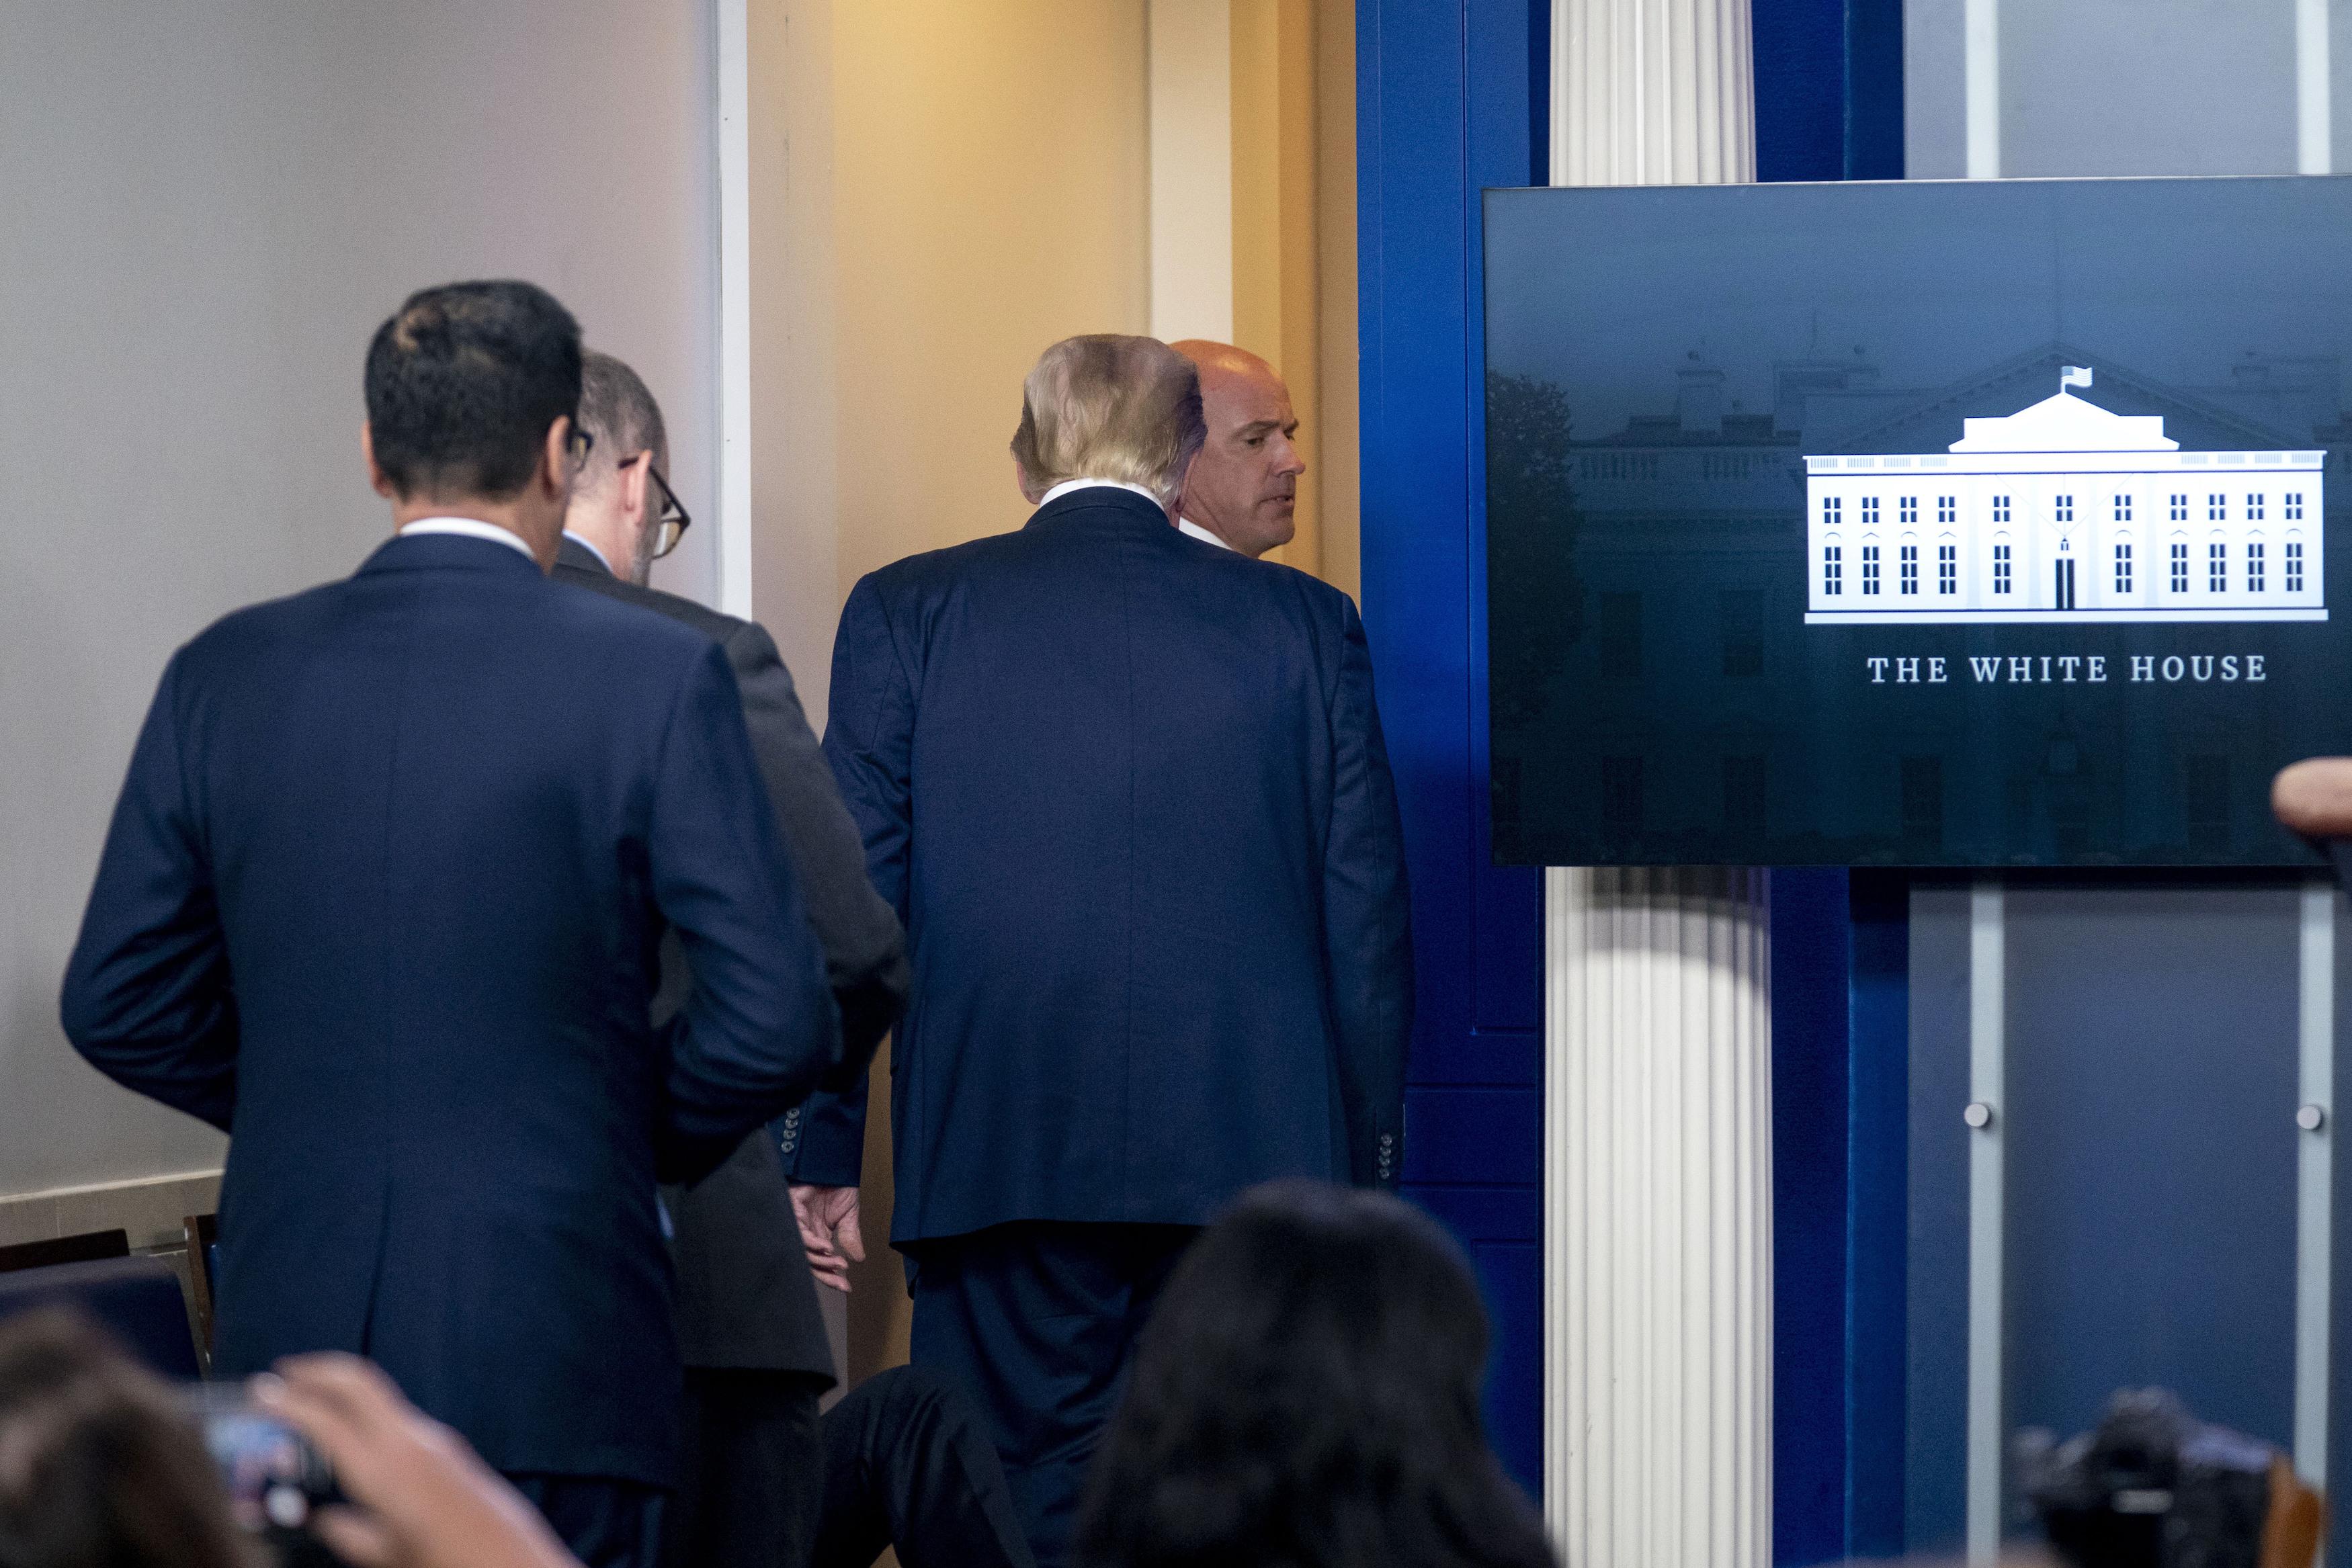 O presidente Donald Trump é convidado a deixar a James Brady Press Briefing Room à convite de um membro do Serviço Secreto dos EUA durante uma entrevista coletiva na Casa Branca, em 10 de agosto de 2020 (Andrew Harnik / AP Photo)